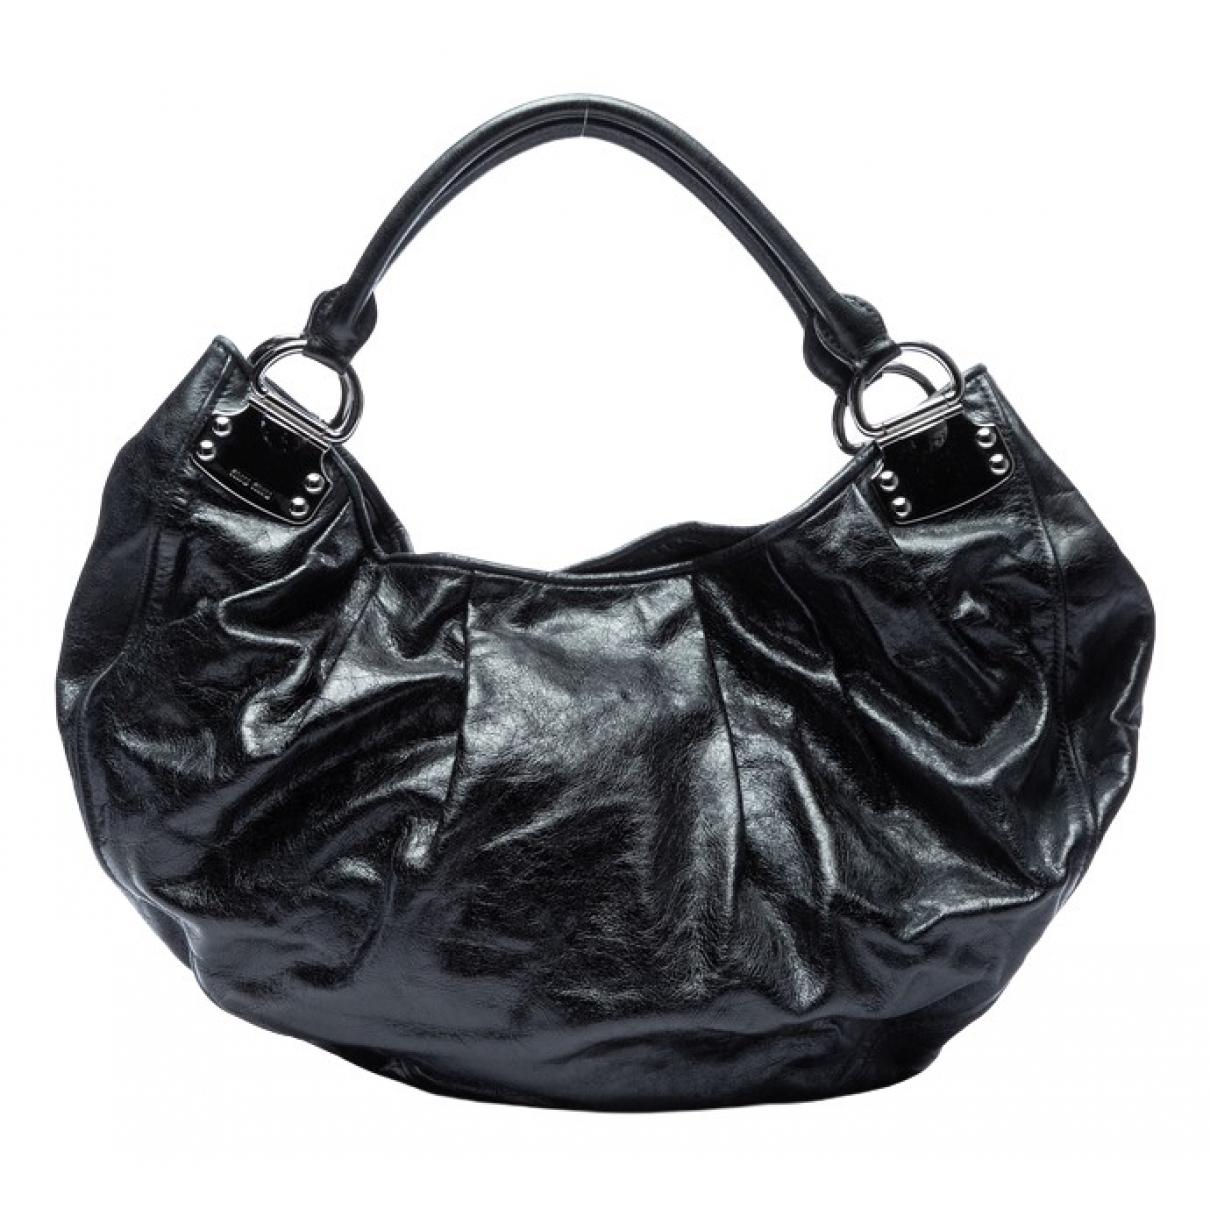 Miu Miu \N Handtasche in  Schwarz Lackleder